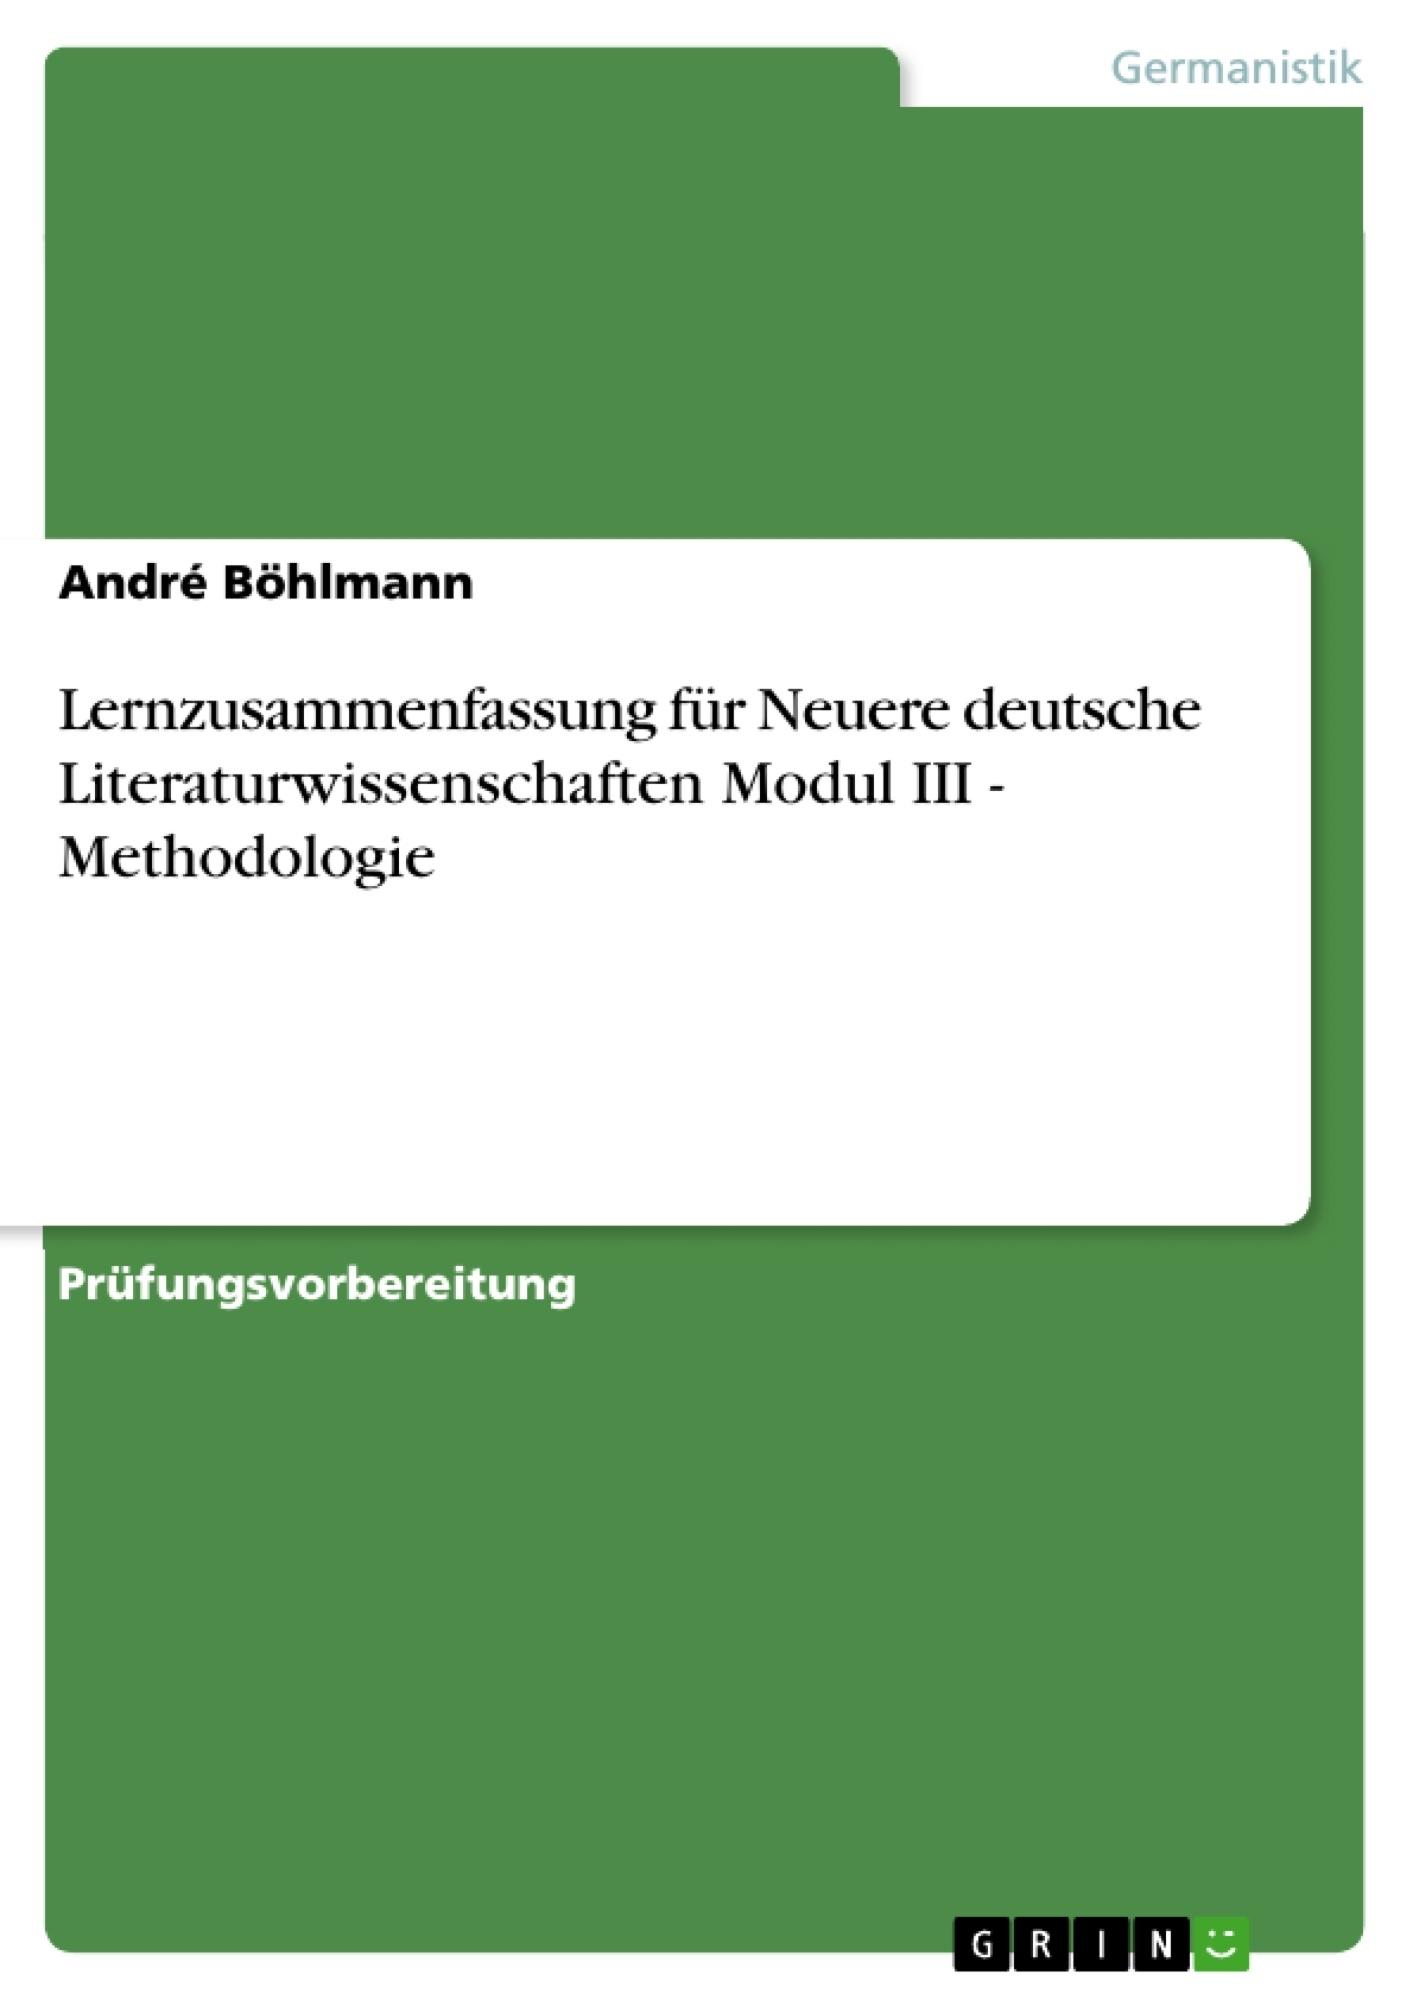 Titel: Lernzusammenfassung für Neuere deutsche Literaturwissenschaften Modul III - Methodologie